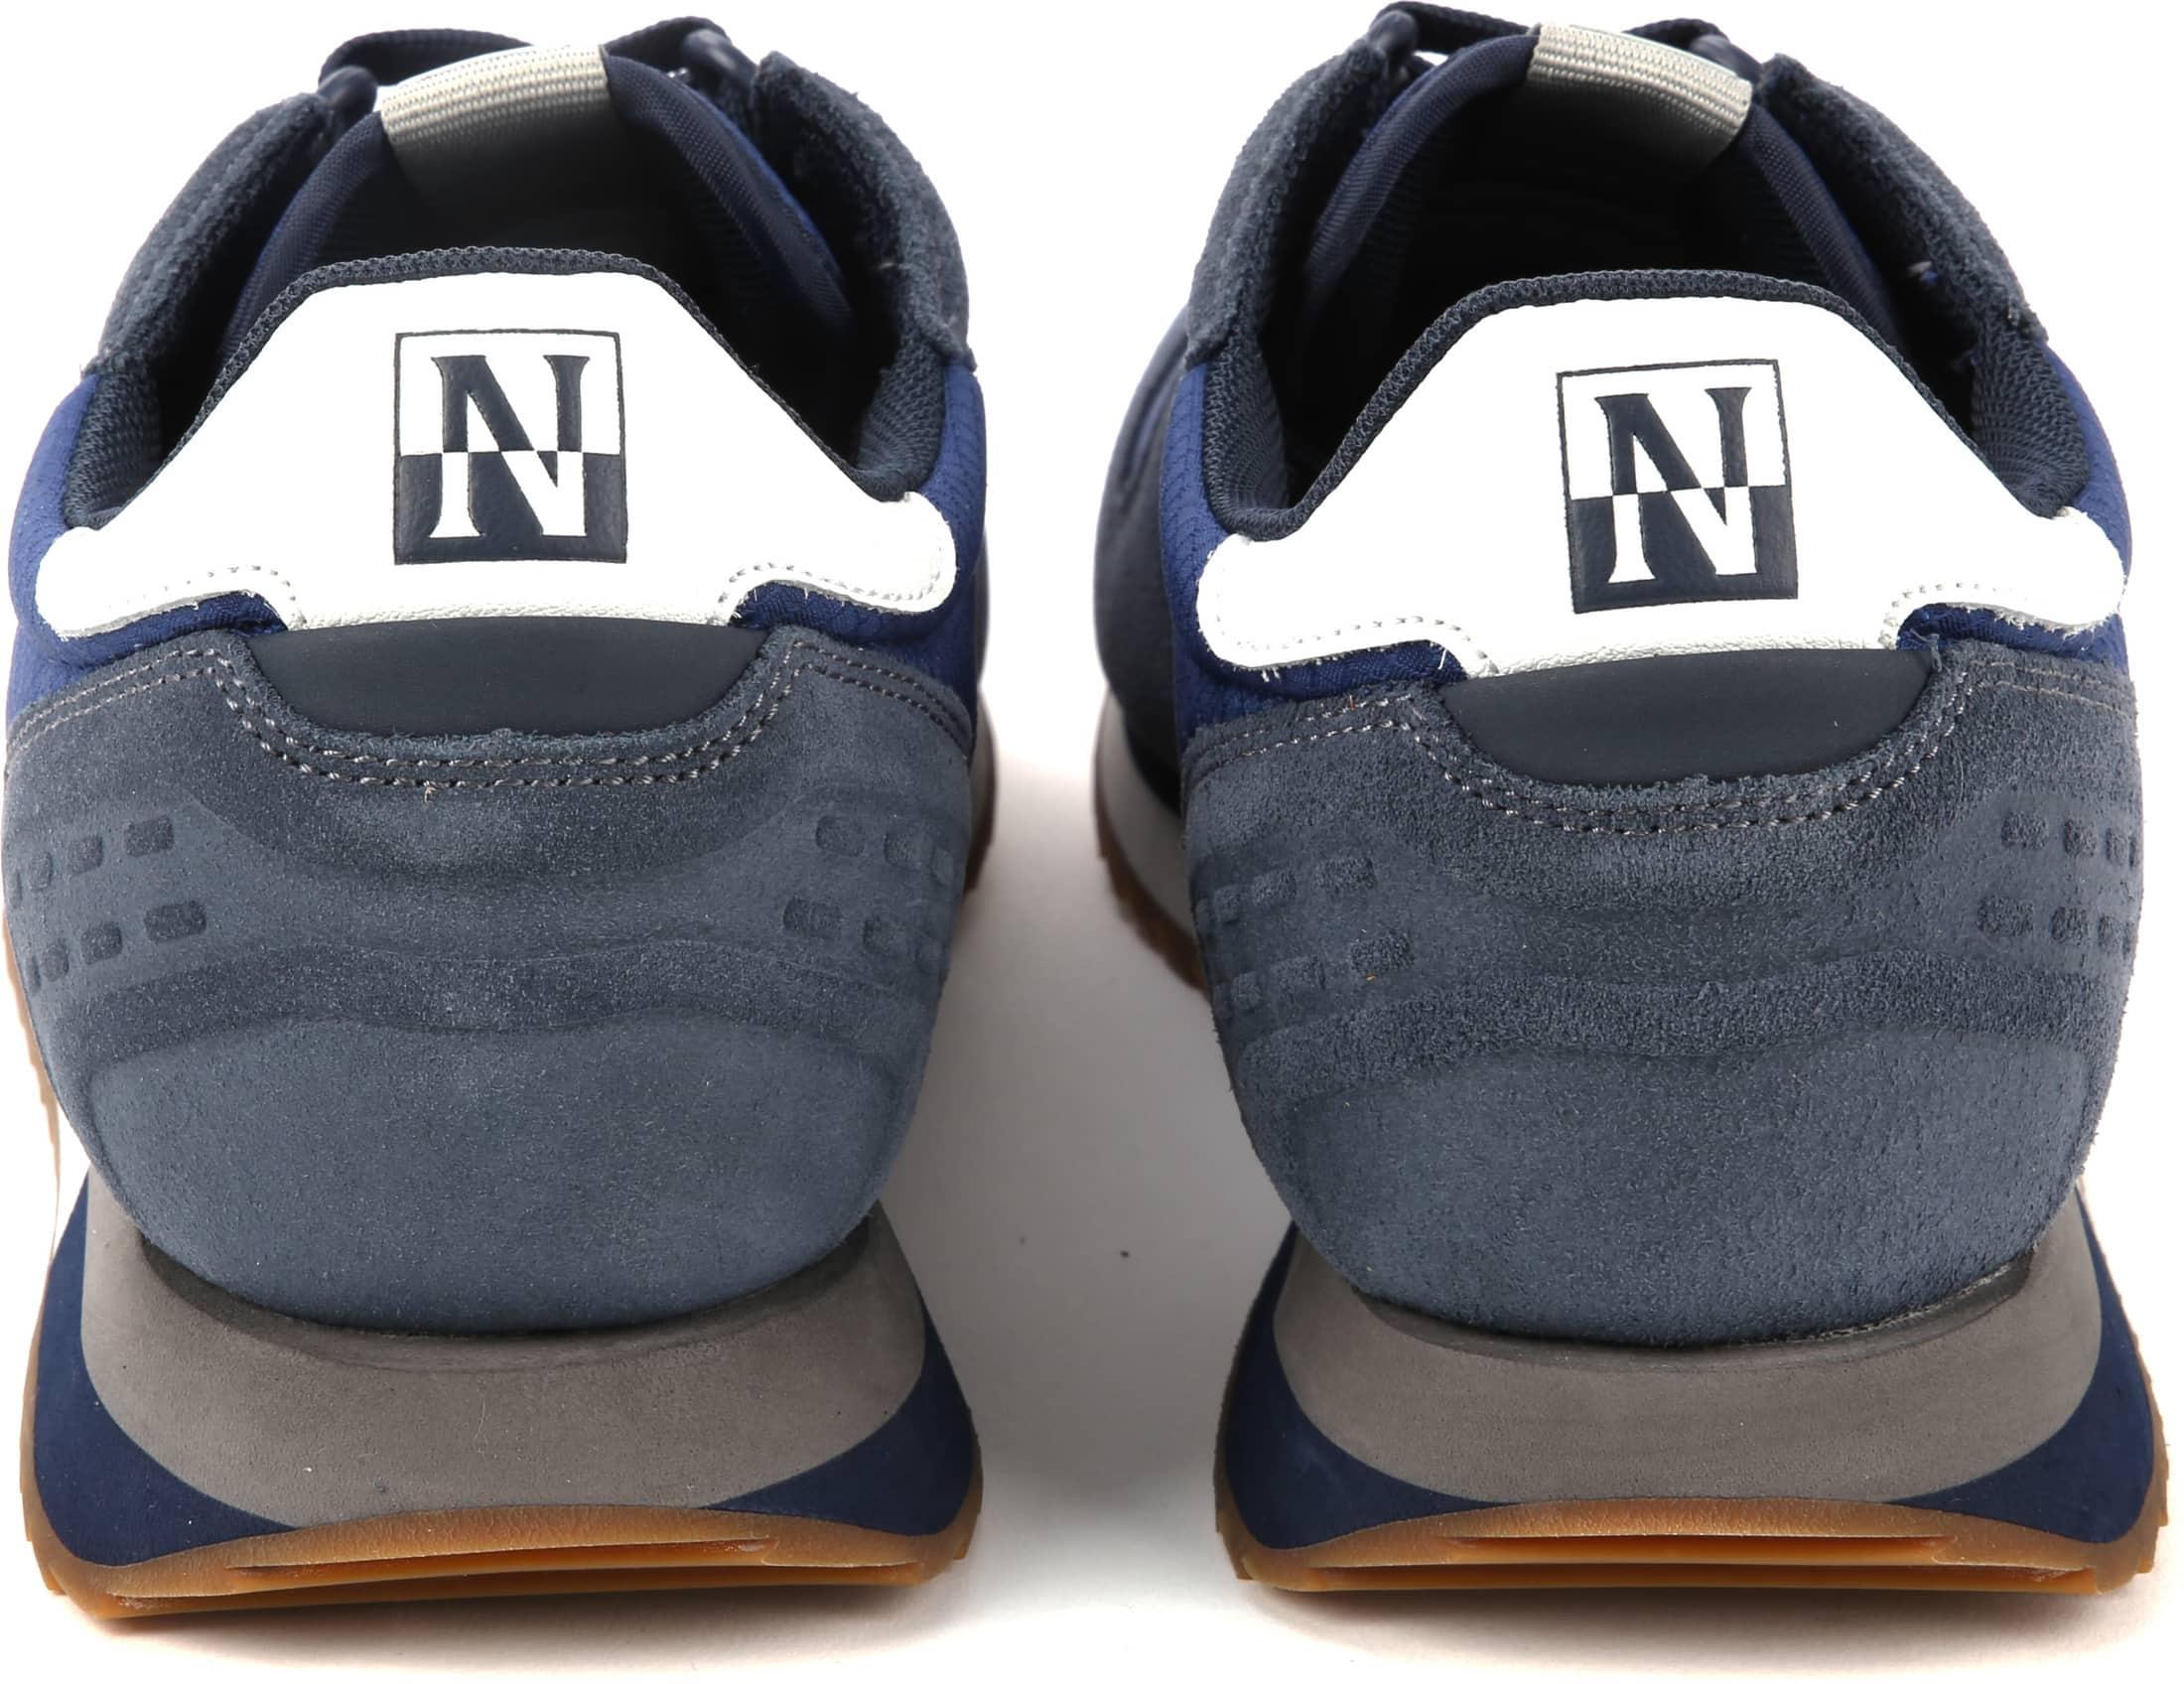 Napapijri Insignia Sneaker Blauw foto 3